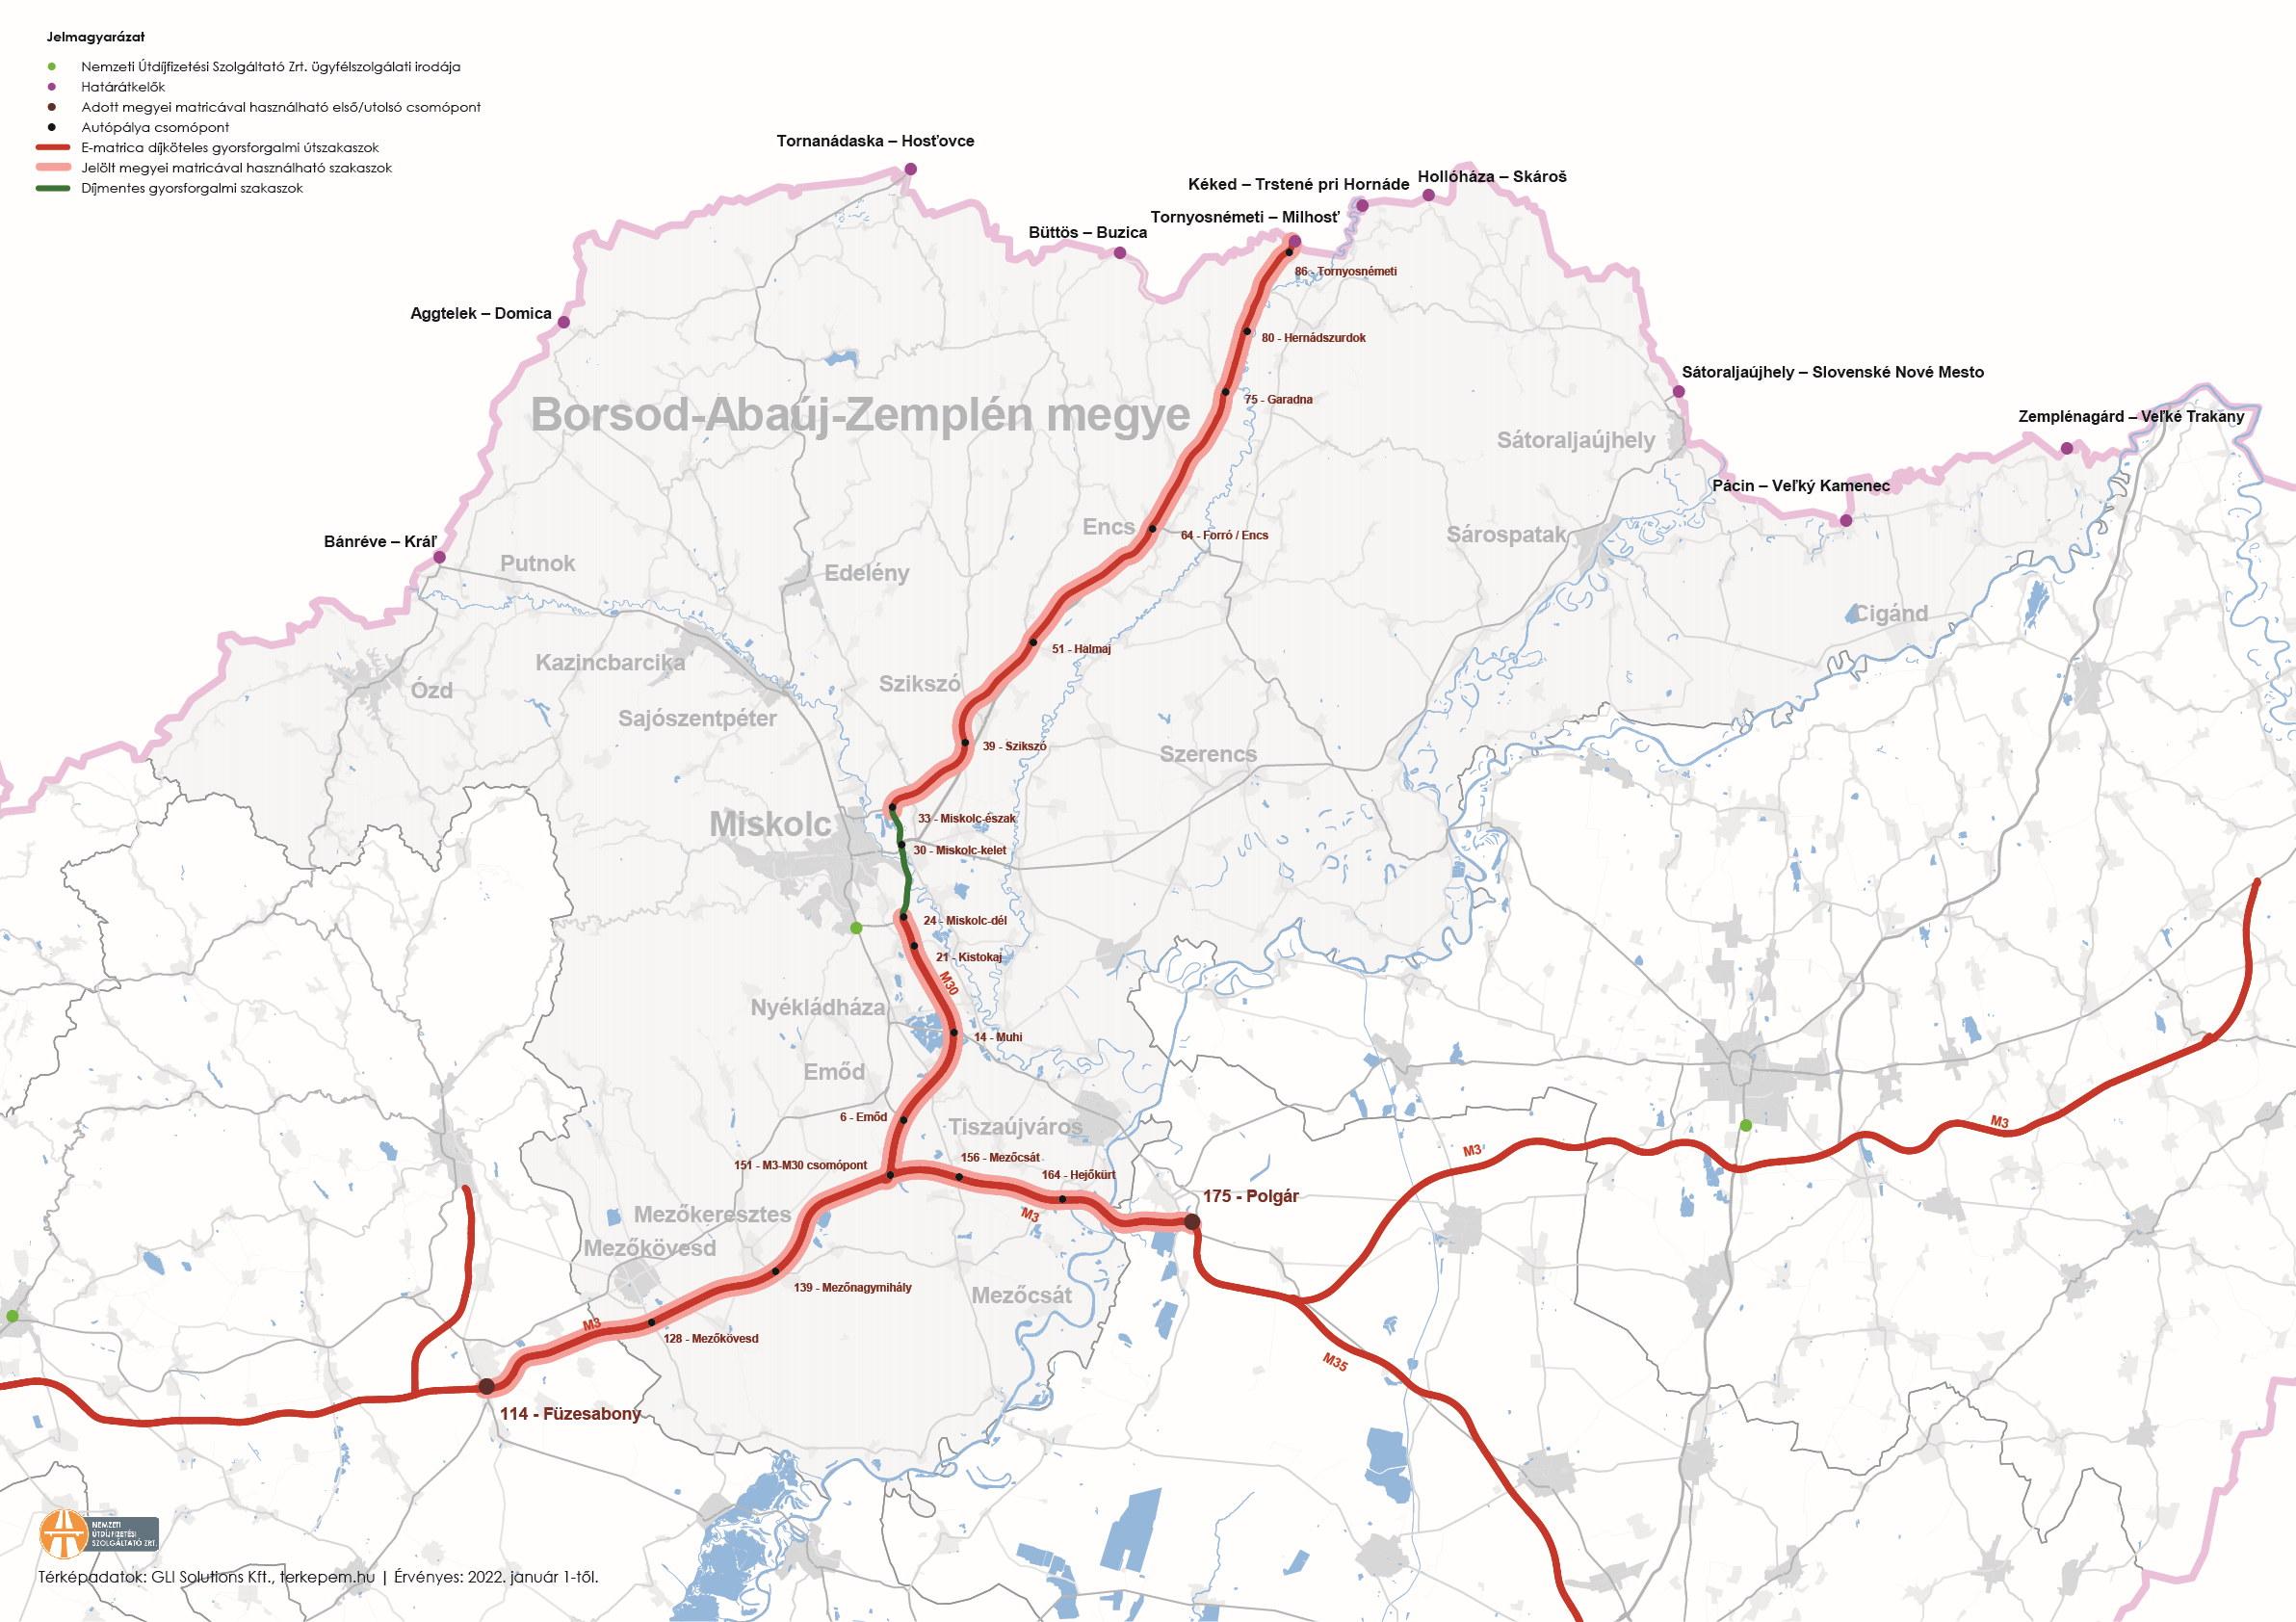 Borsod-Abaúj-Zemplén megye úthálózatának térképe